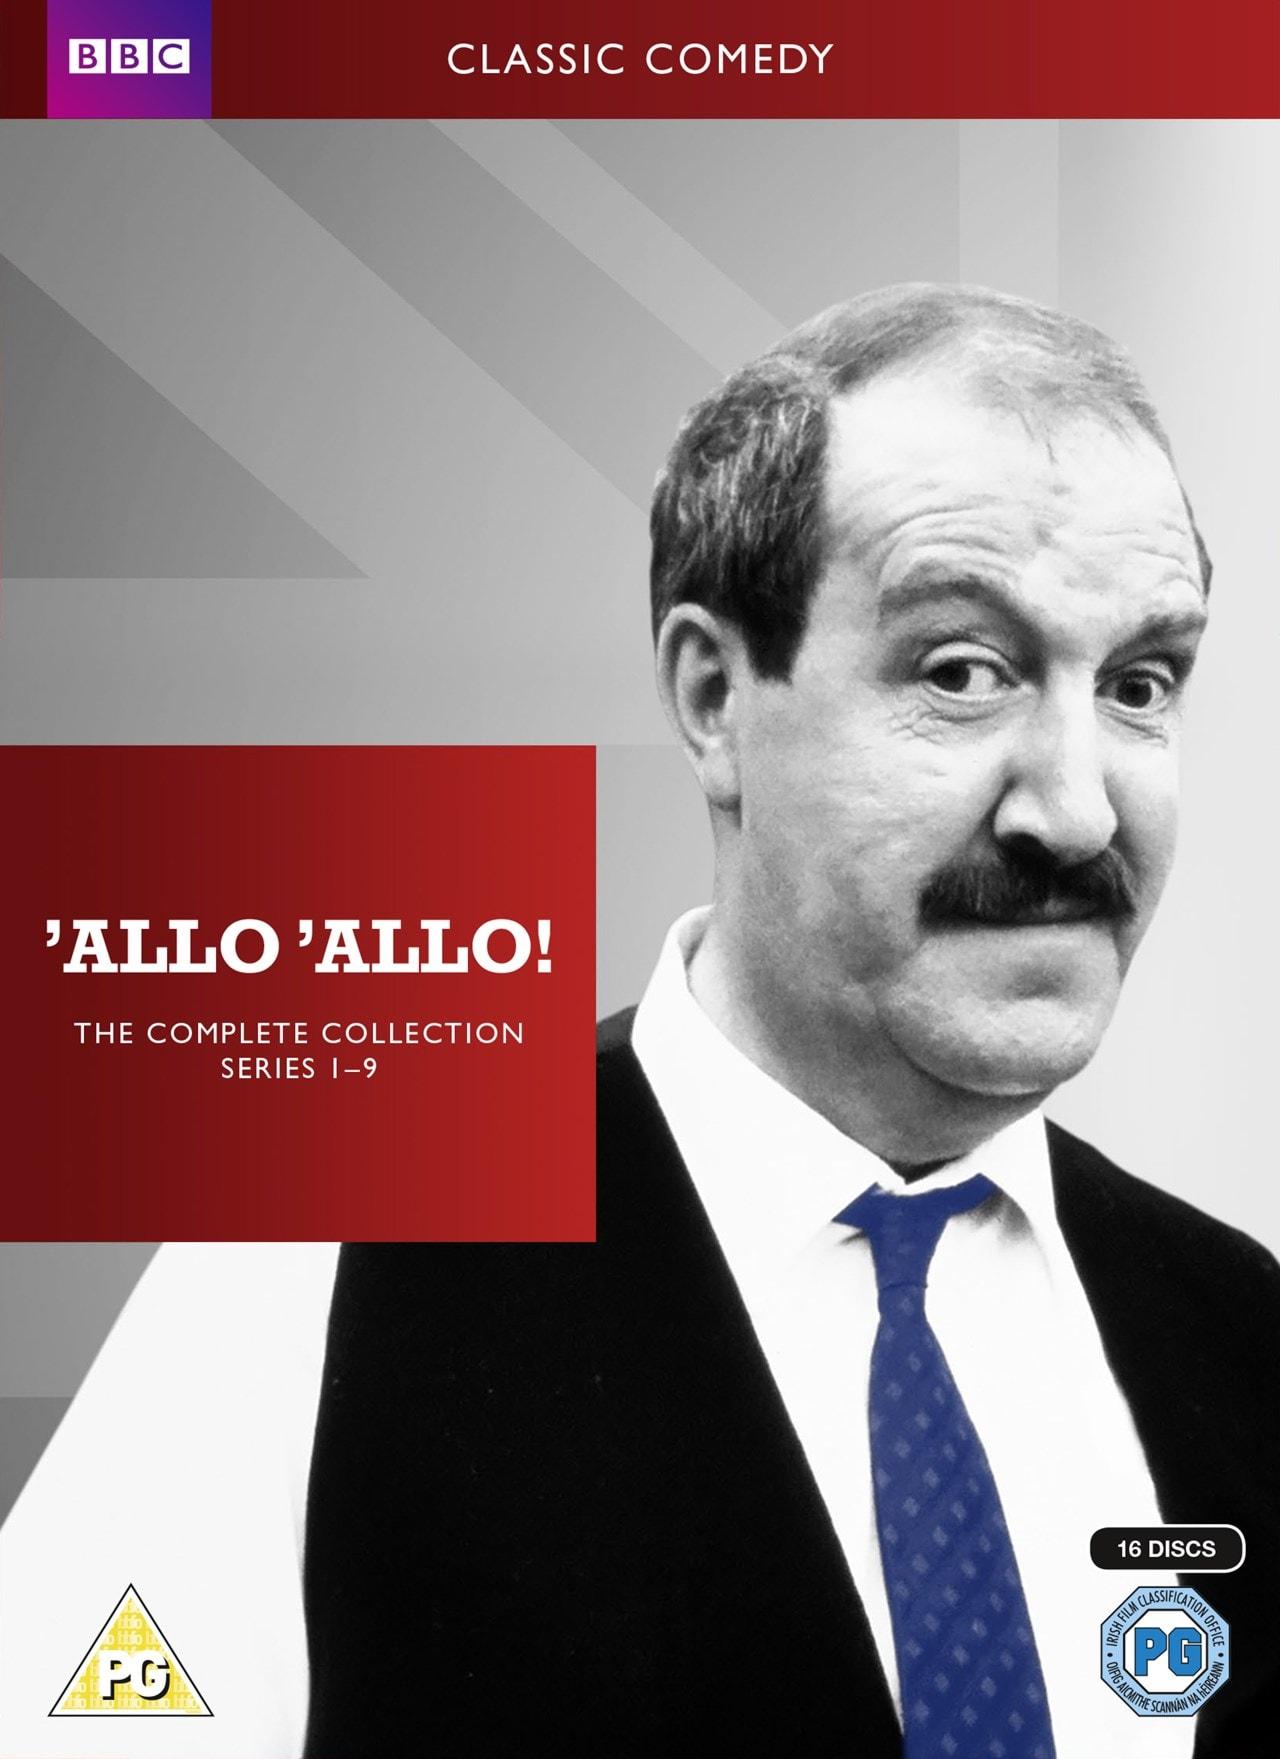 'Allo 'Allo: The Complete Collection - Series 1-9 (hmv Exclusive) - 1